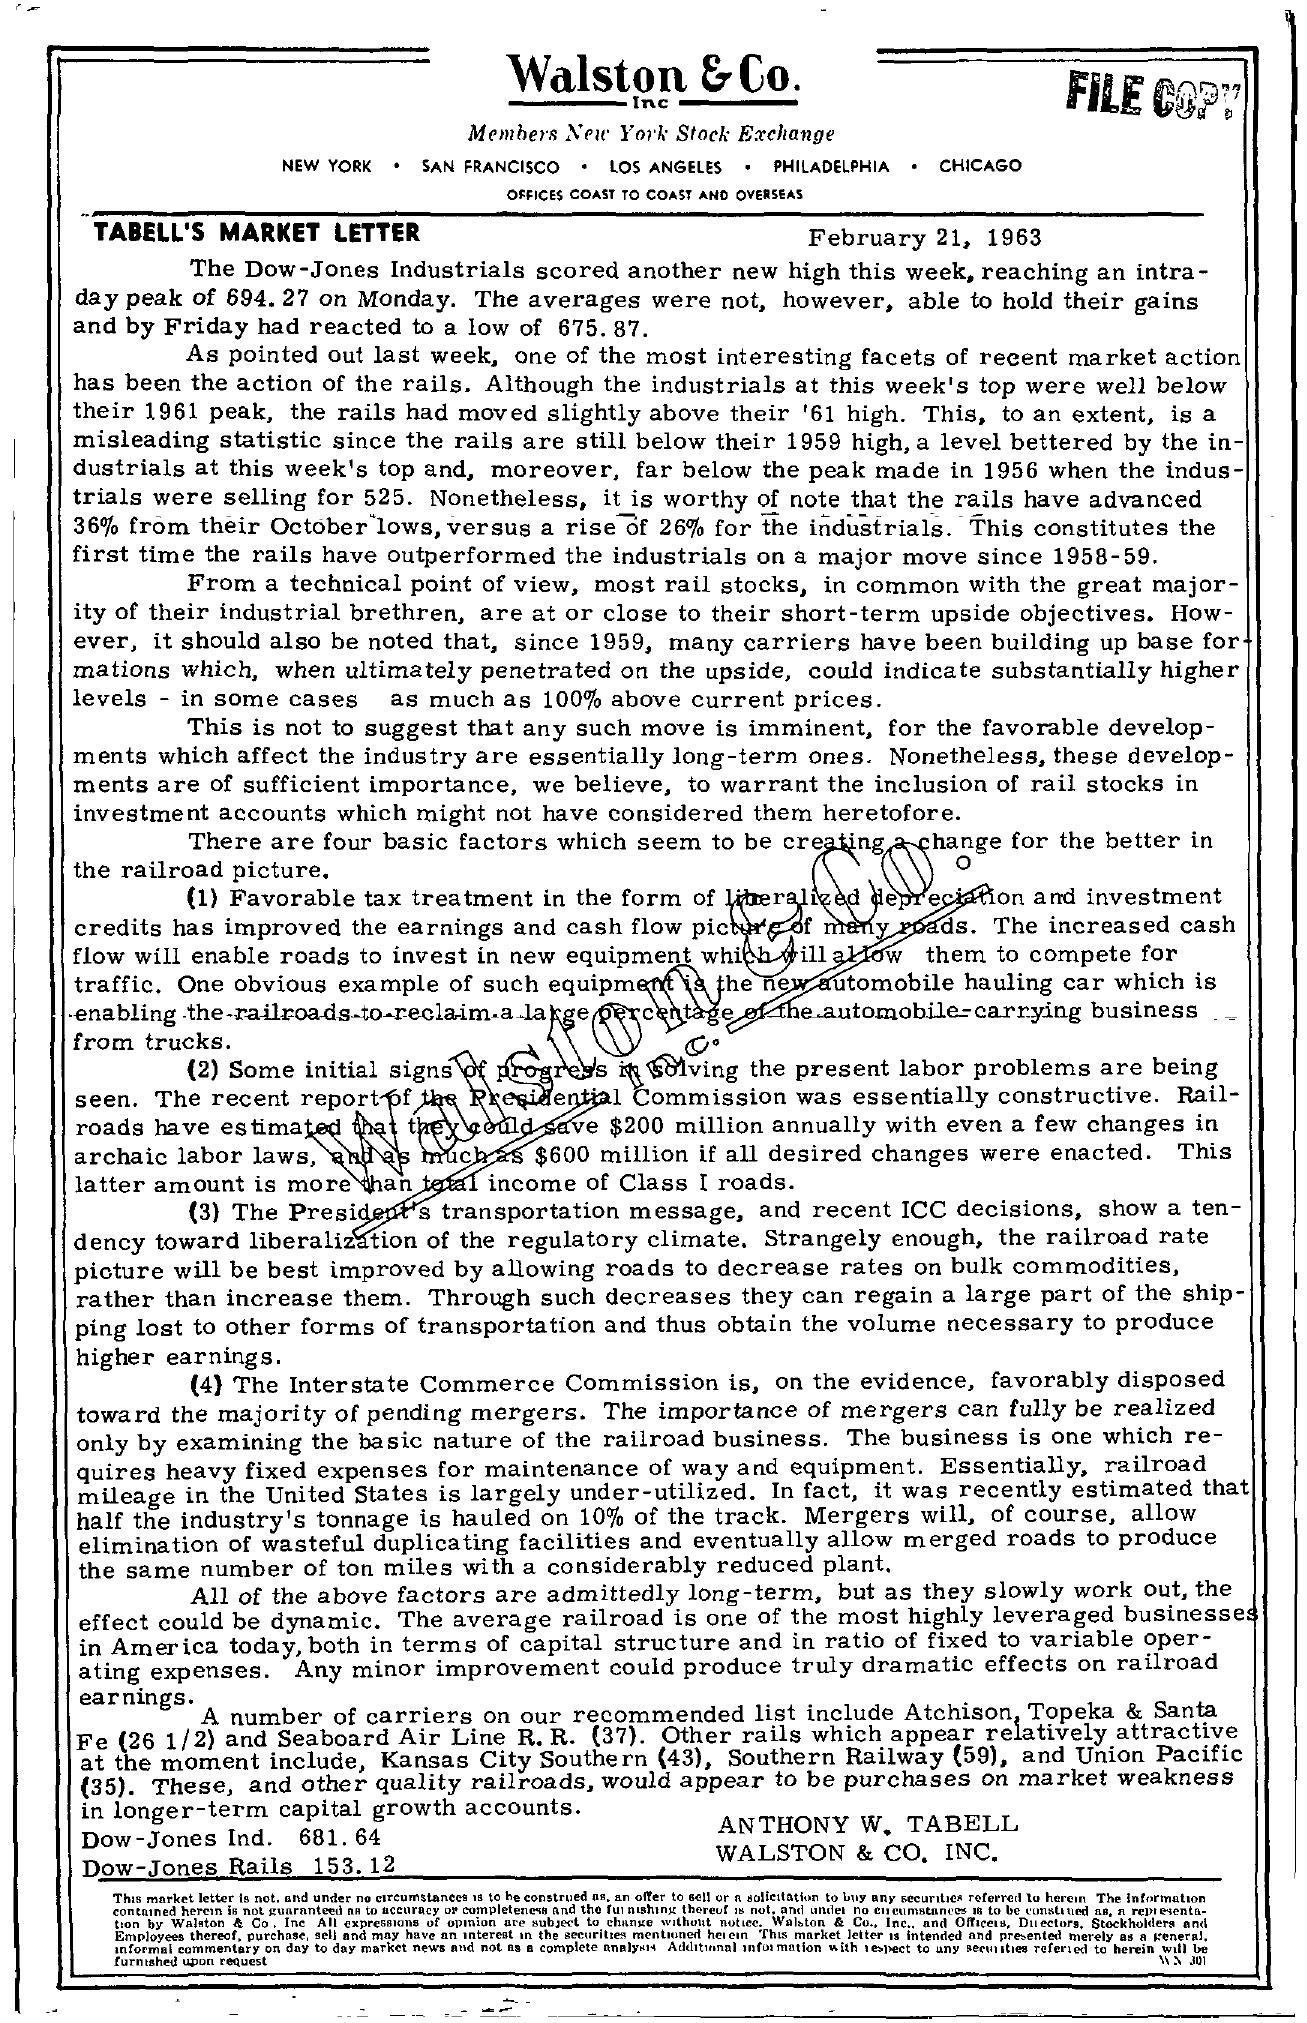 Tabell's Market Letter - February 21, 1963